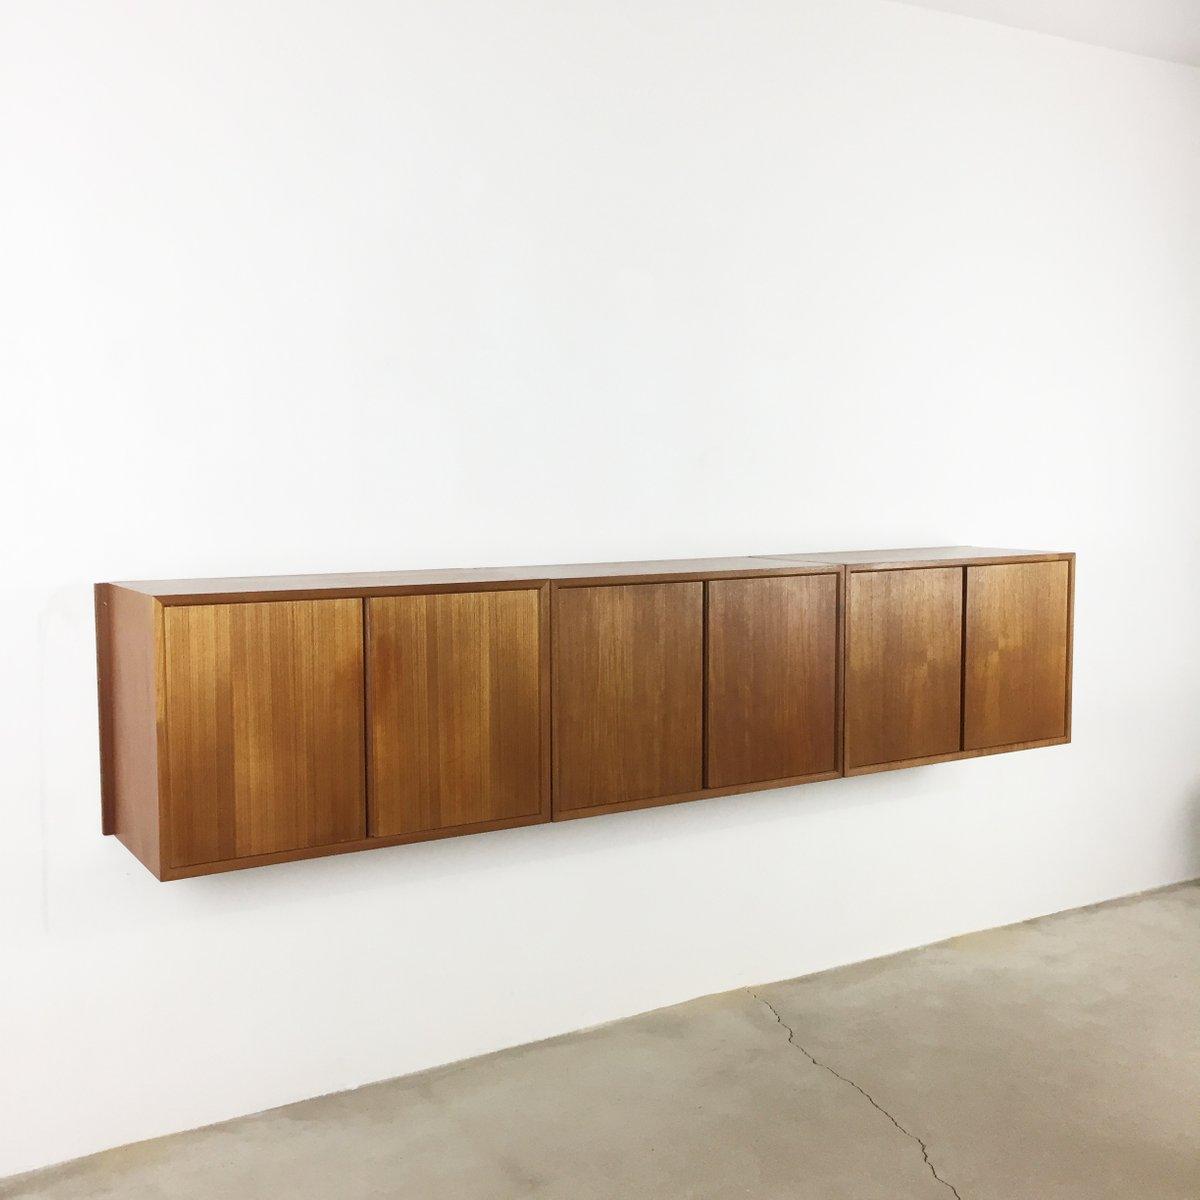 Schwebendes Royal System Sideboard von Poul Cadovius für Cado, 1960er